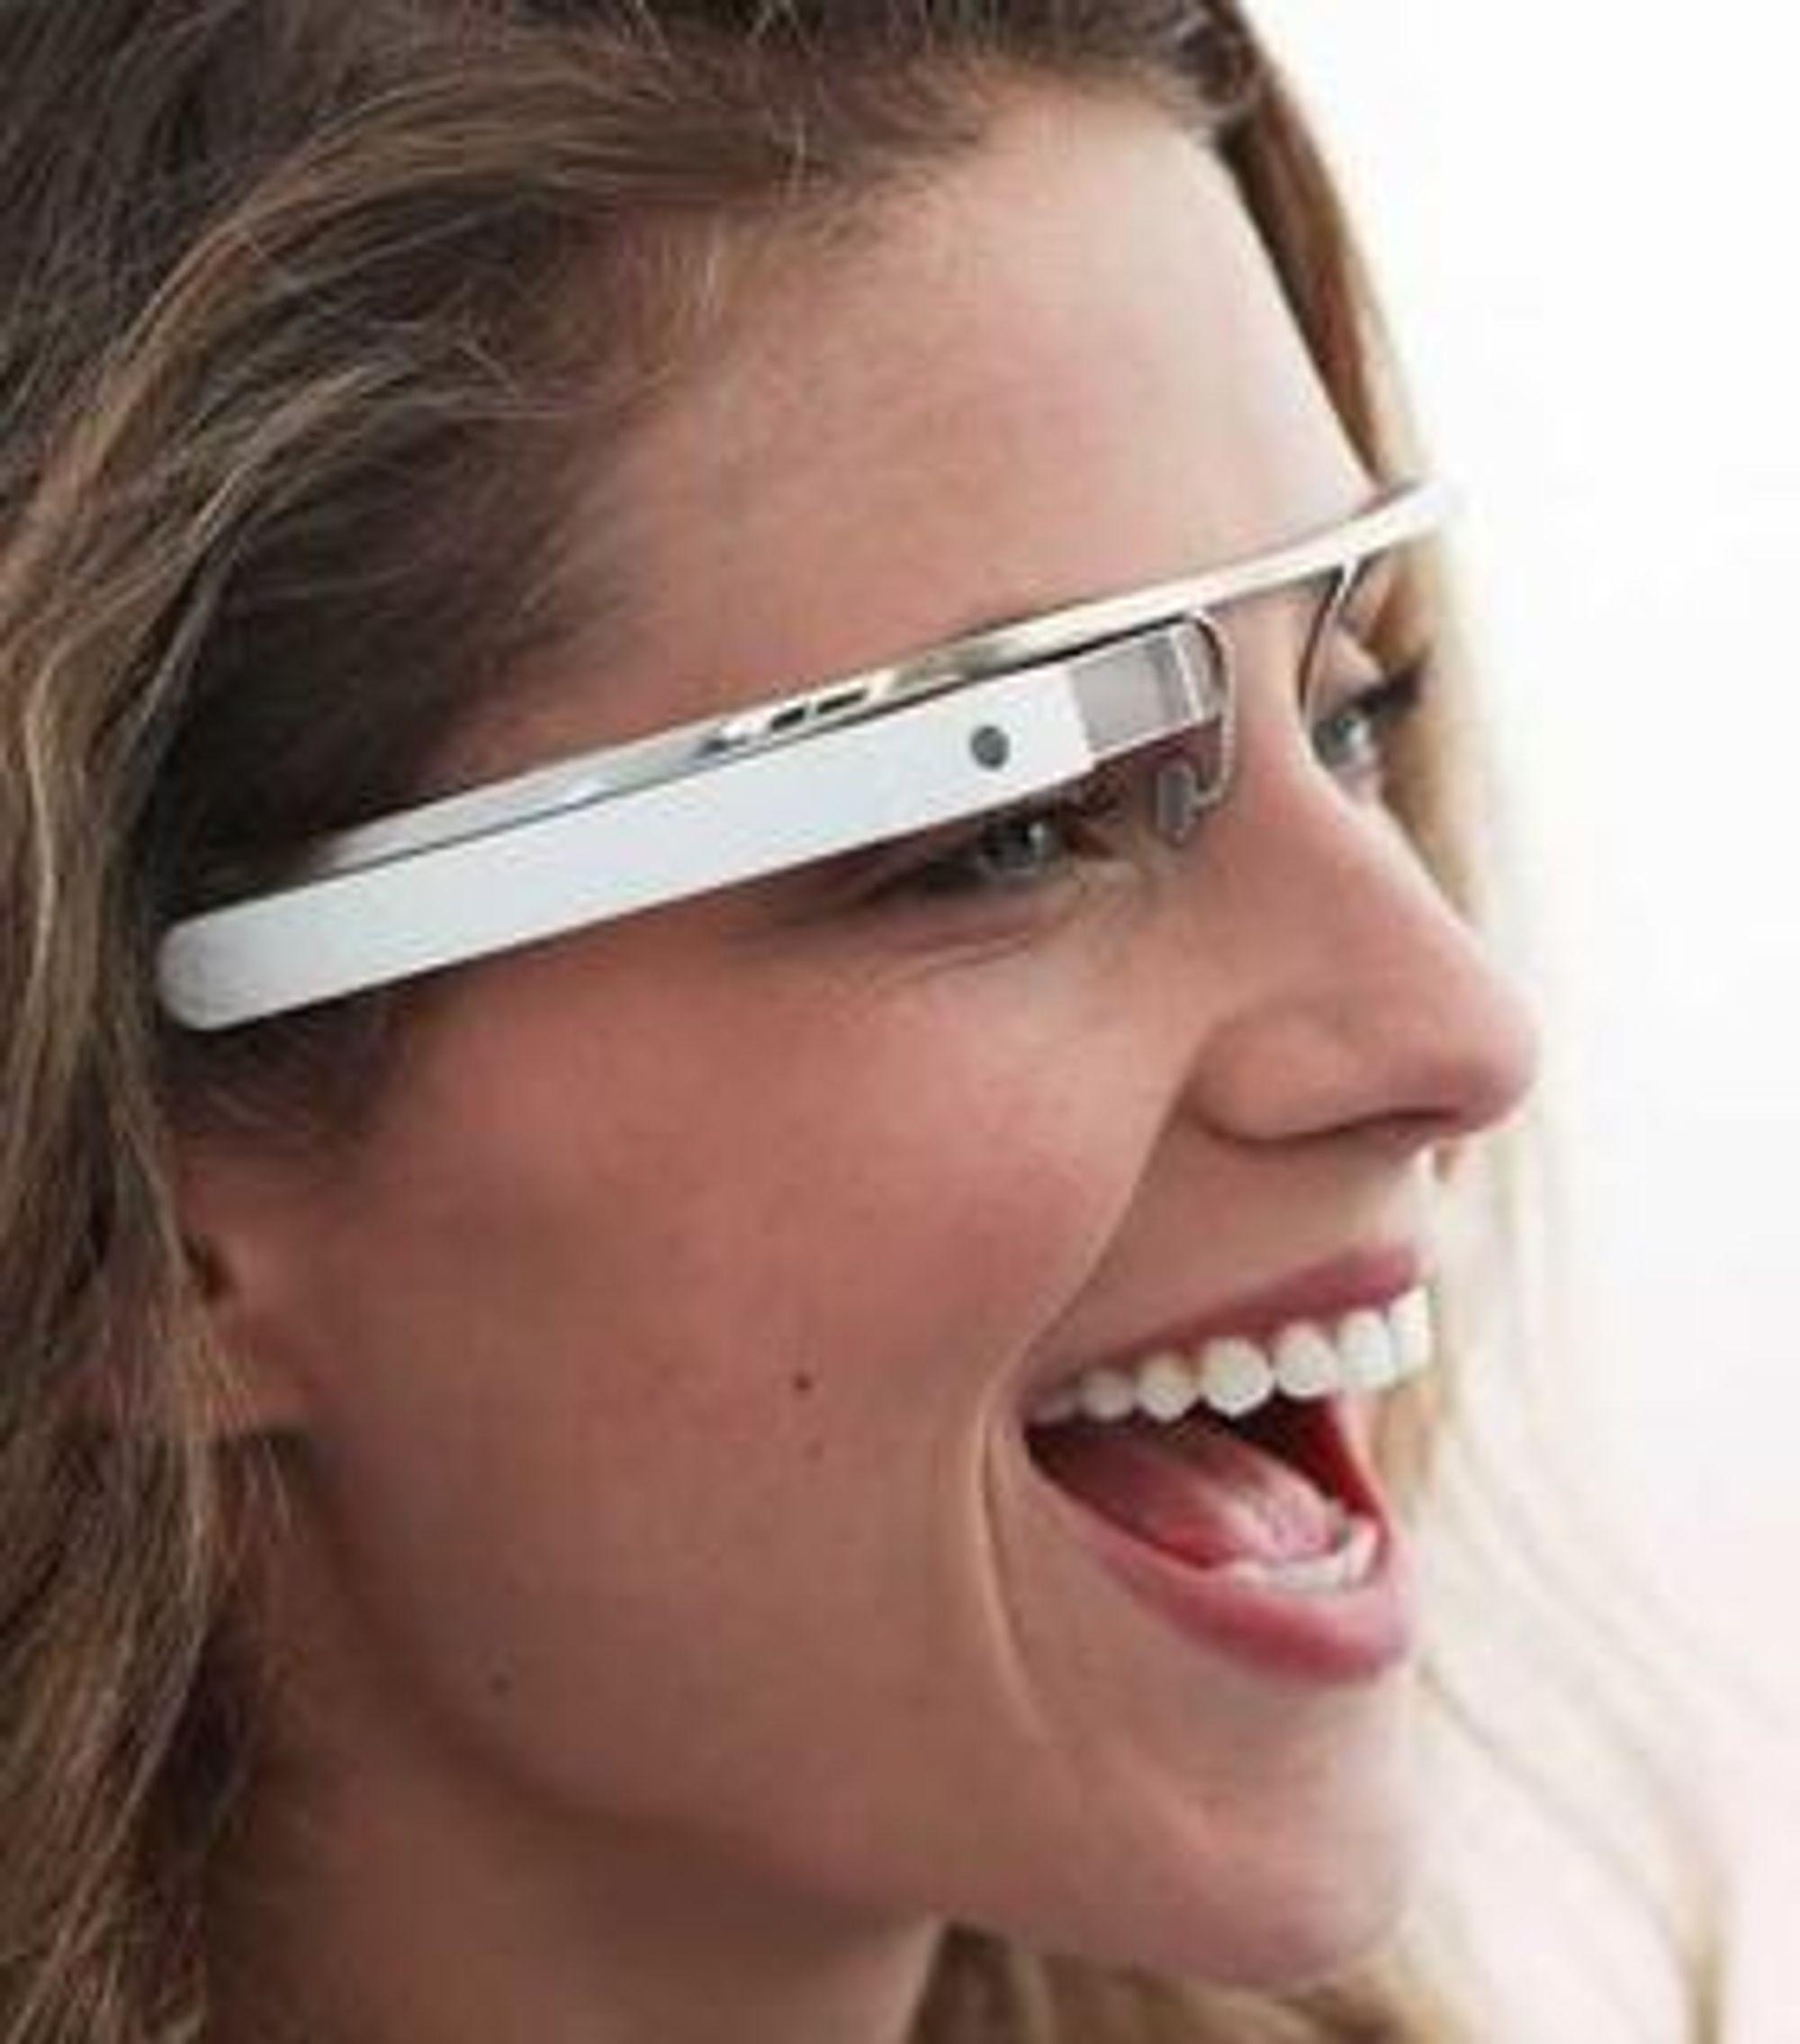 Google håper flest mulig av oss vil bruke brillen de er iferd med å utvikle. Men for at det skal bli en suksess trenger de apper.